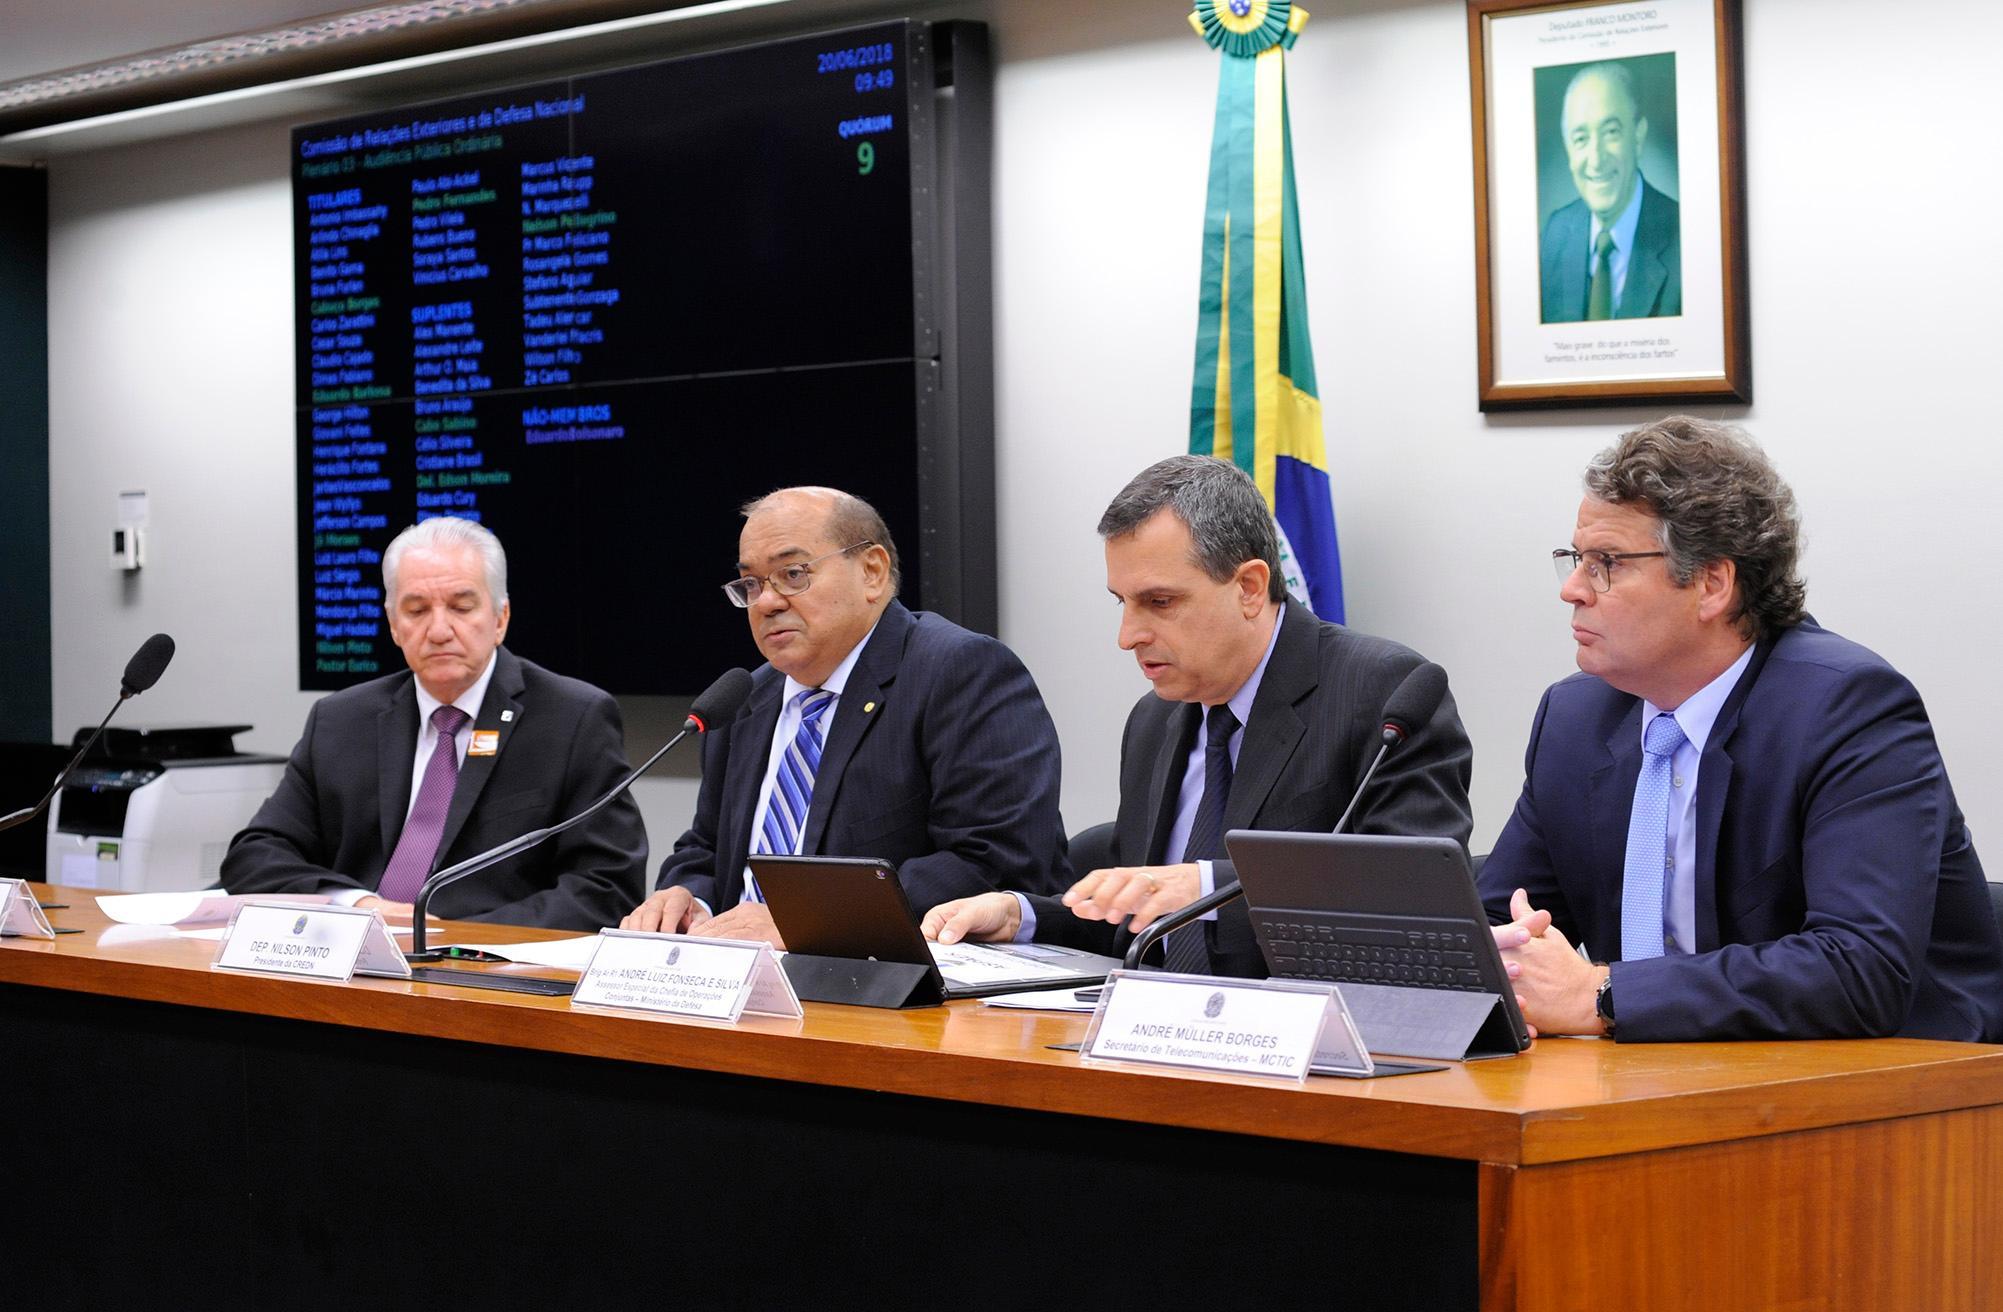 Audiência Pública para Debater e esclarecer acerca do contrato firmado entre a Telebras e a empresa Viasat